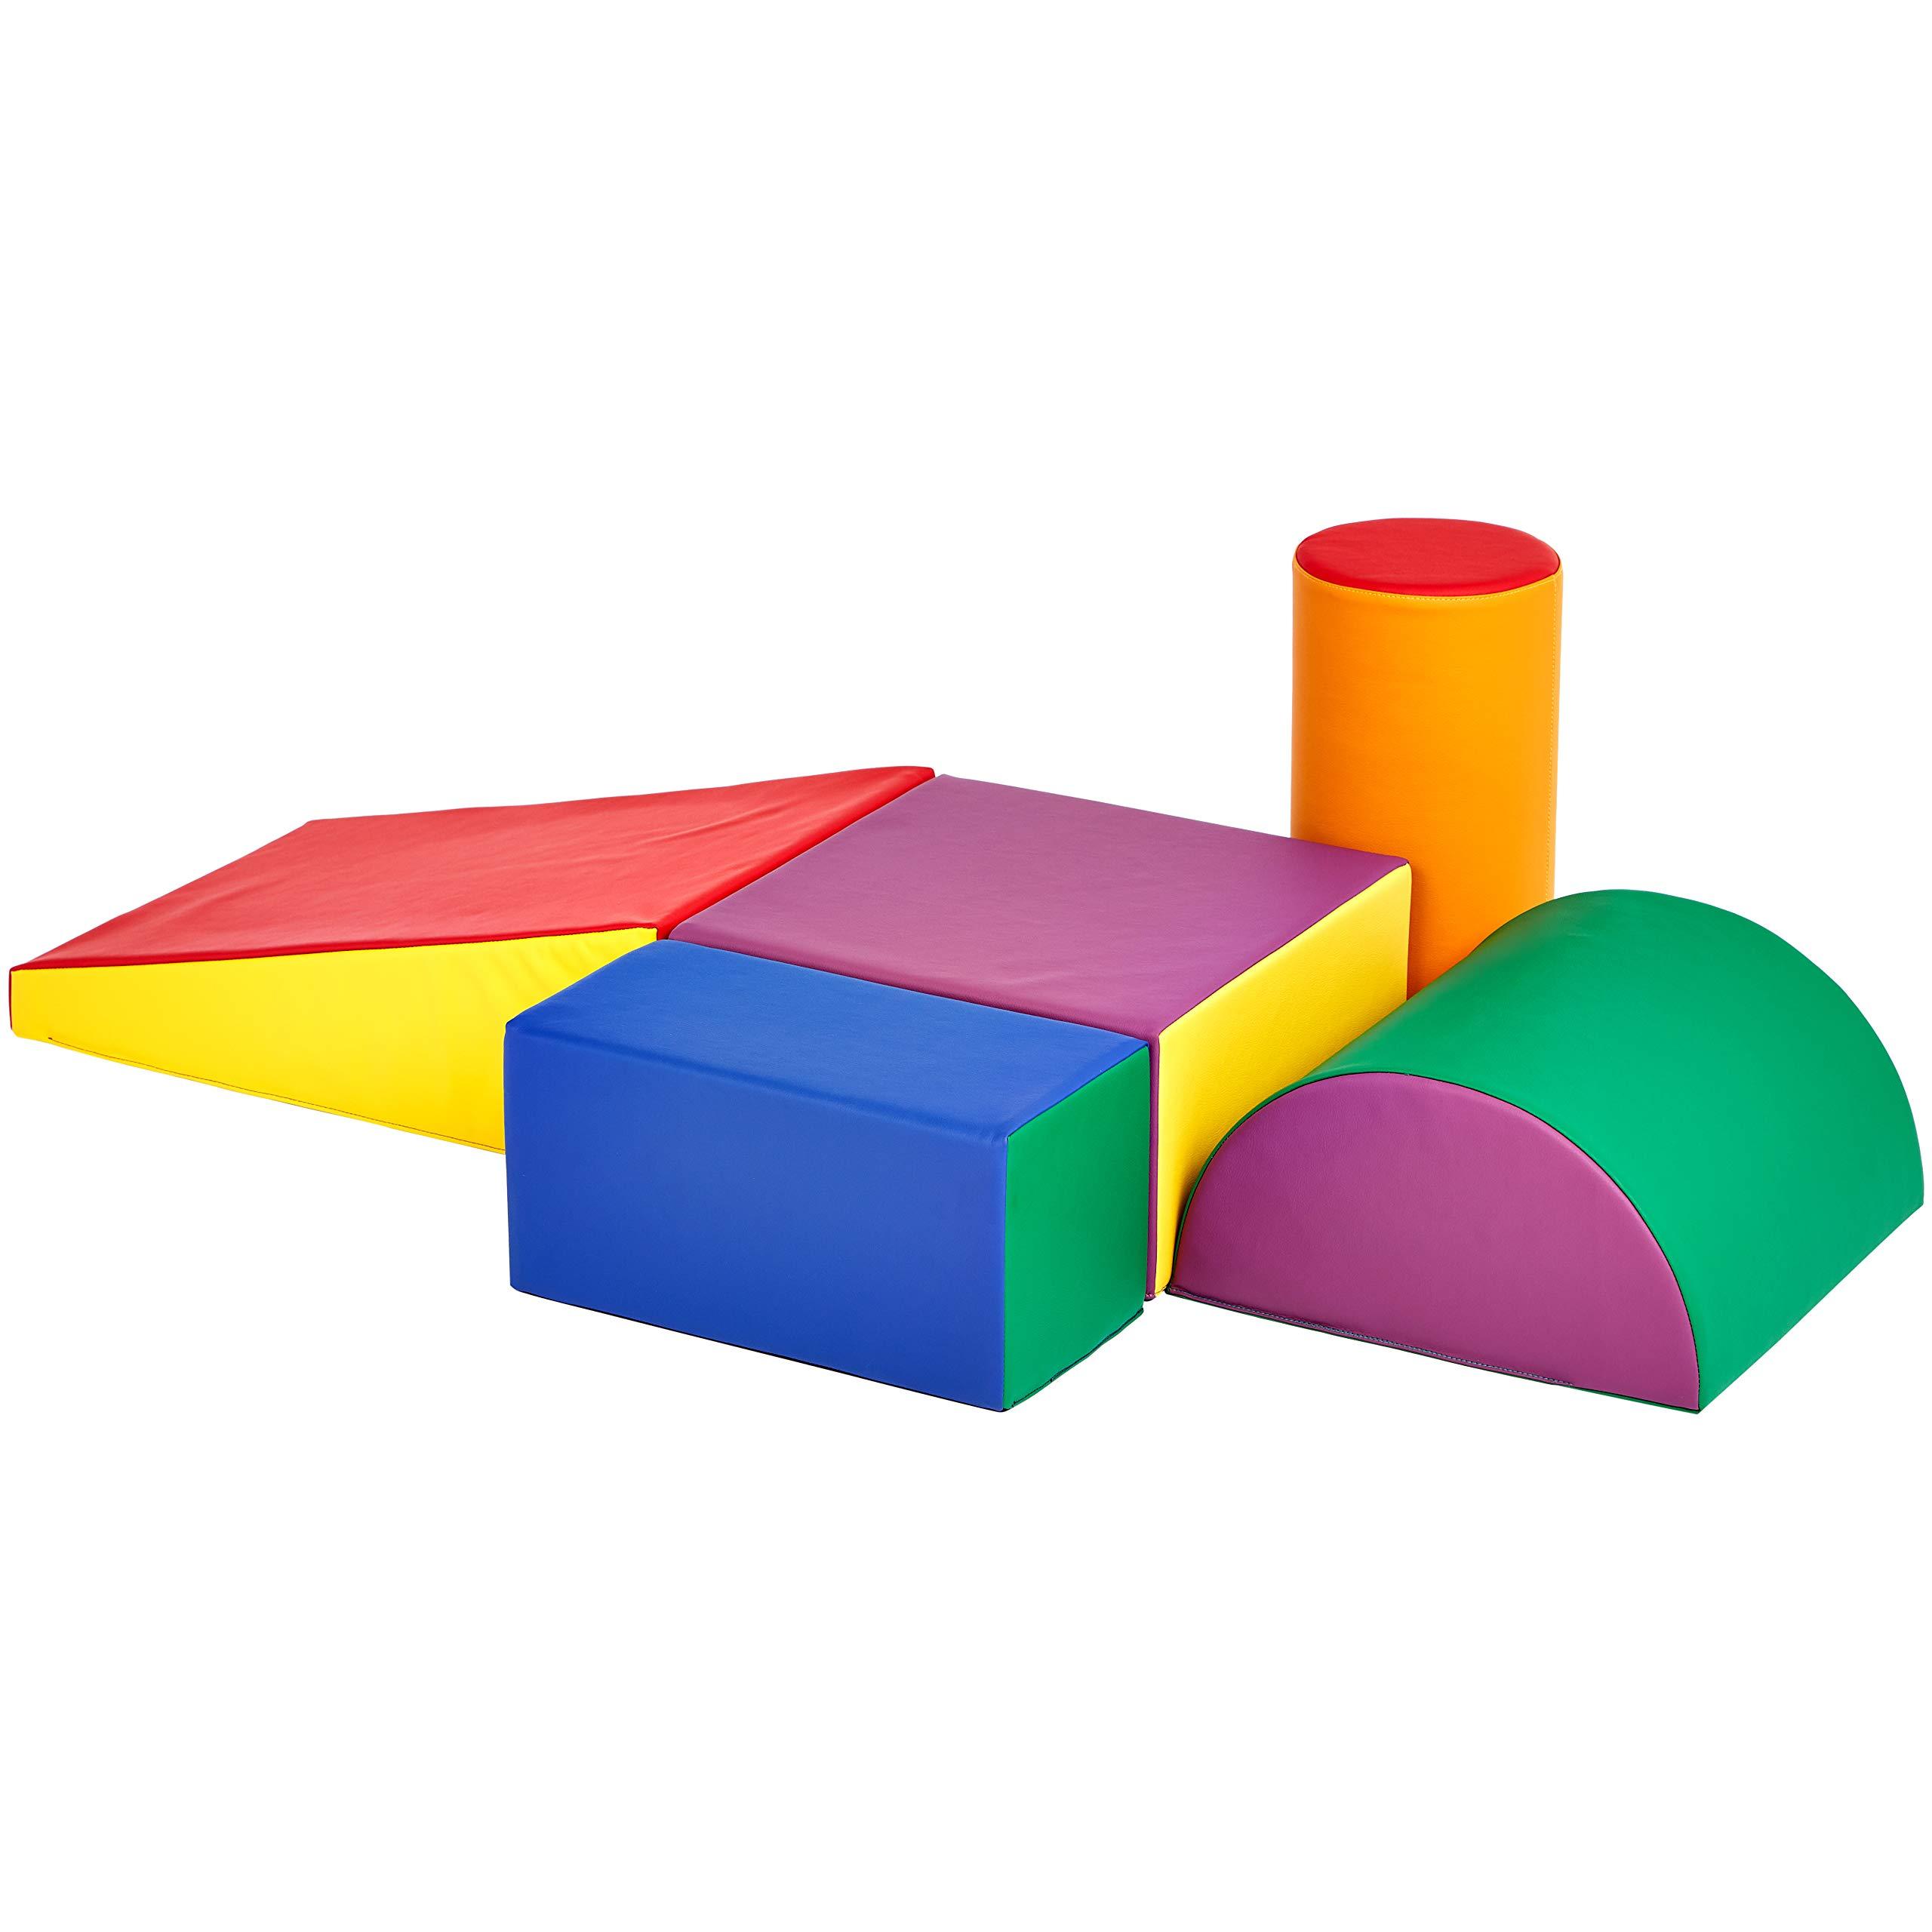 AmazonBasics Soft Play Climb and Crawl Play Set, 5-Piece by AmazonBasics